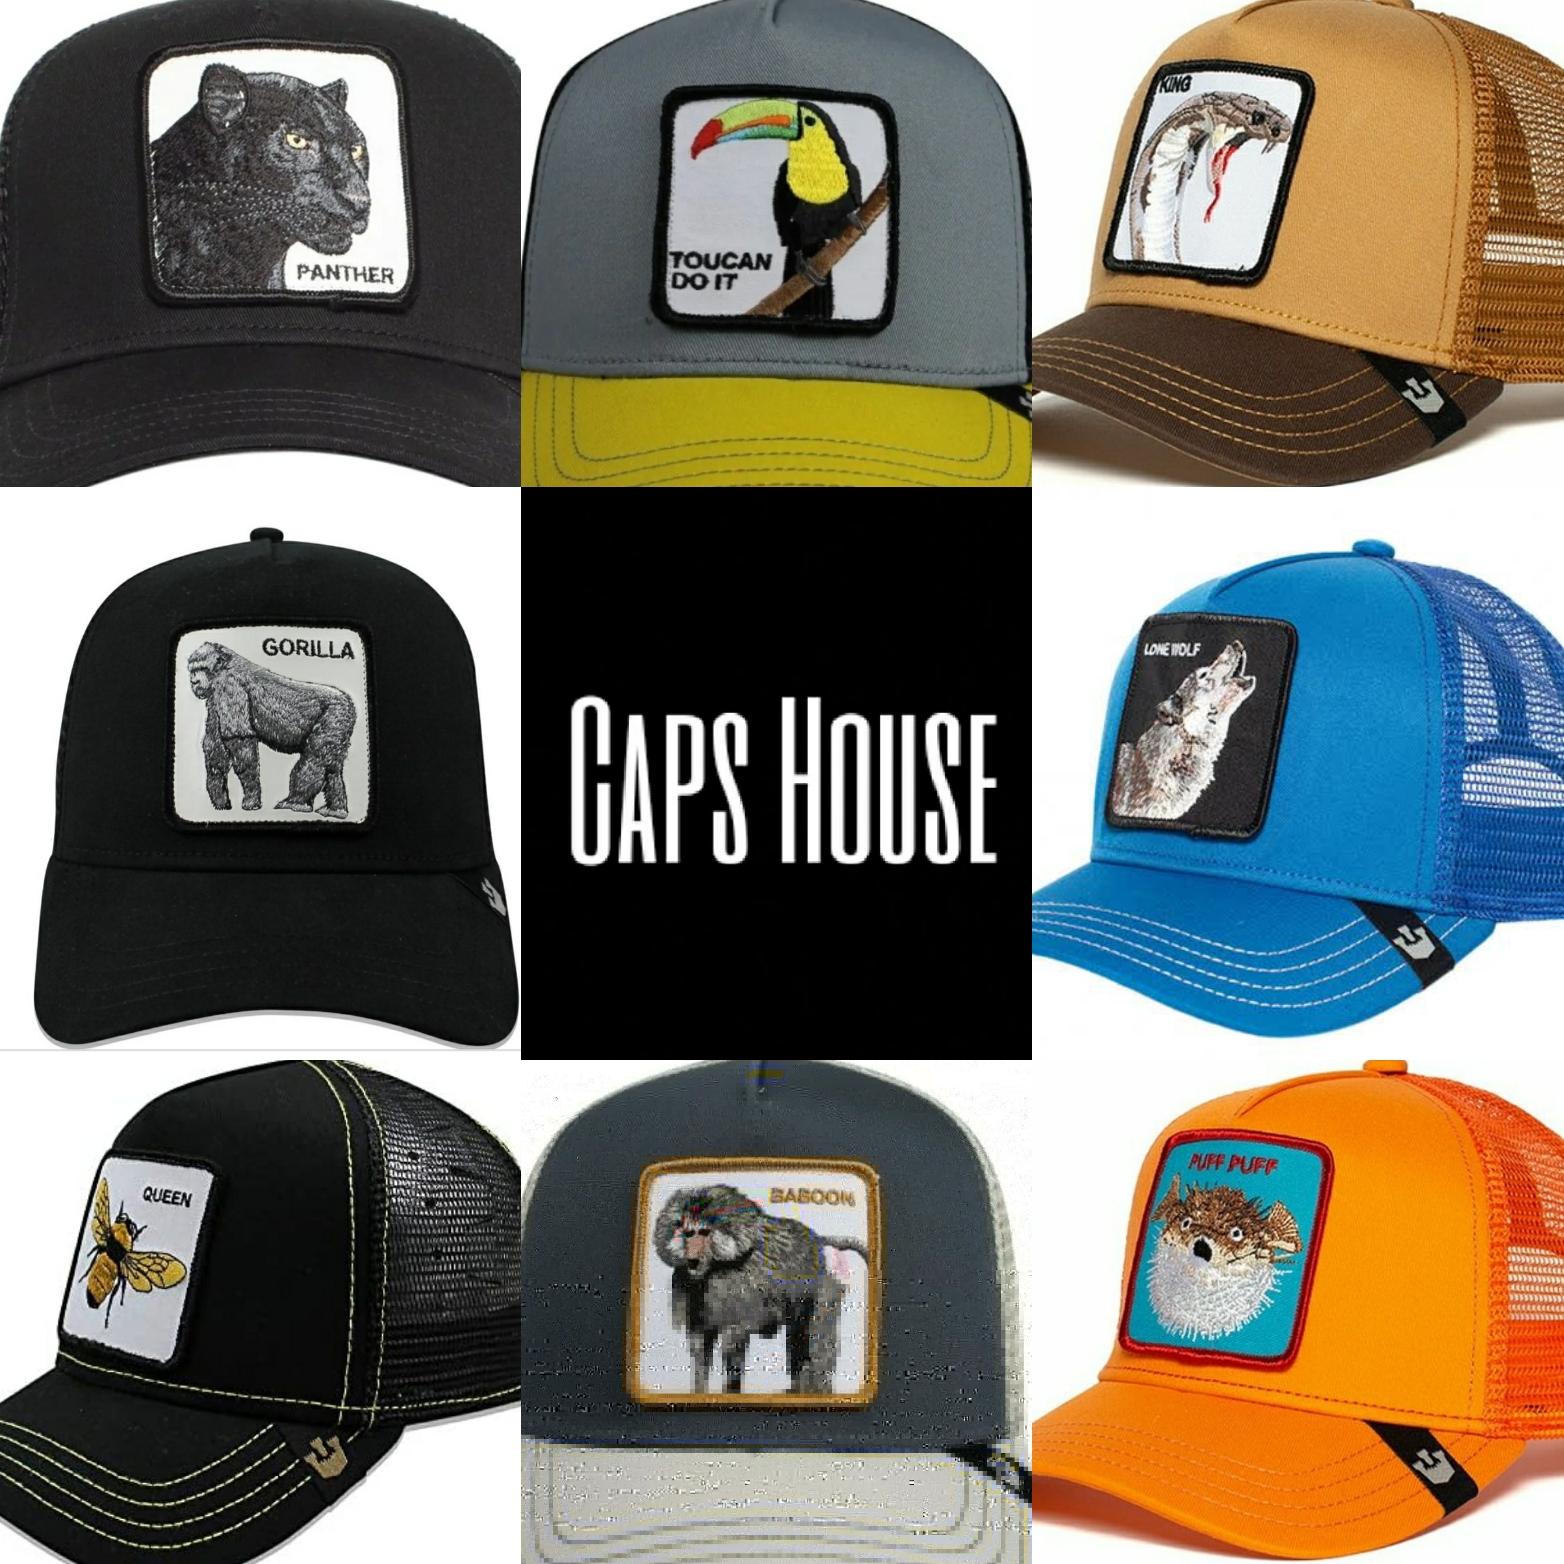 Caps House